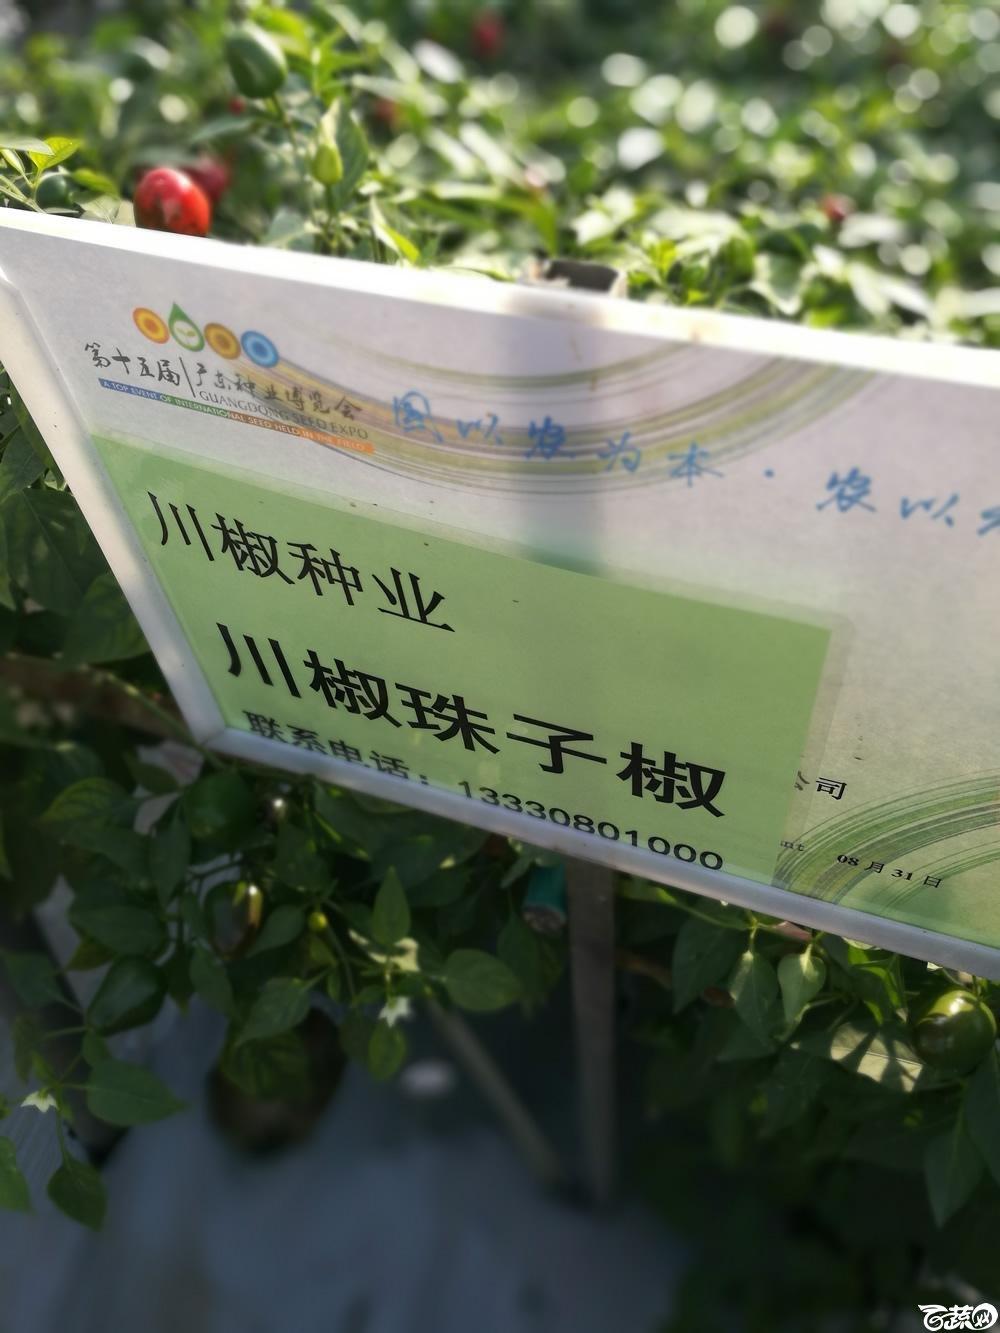 2016年15届广东种博会,四川川椒种苗公司珠子椒_001.jpg